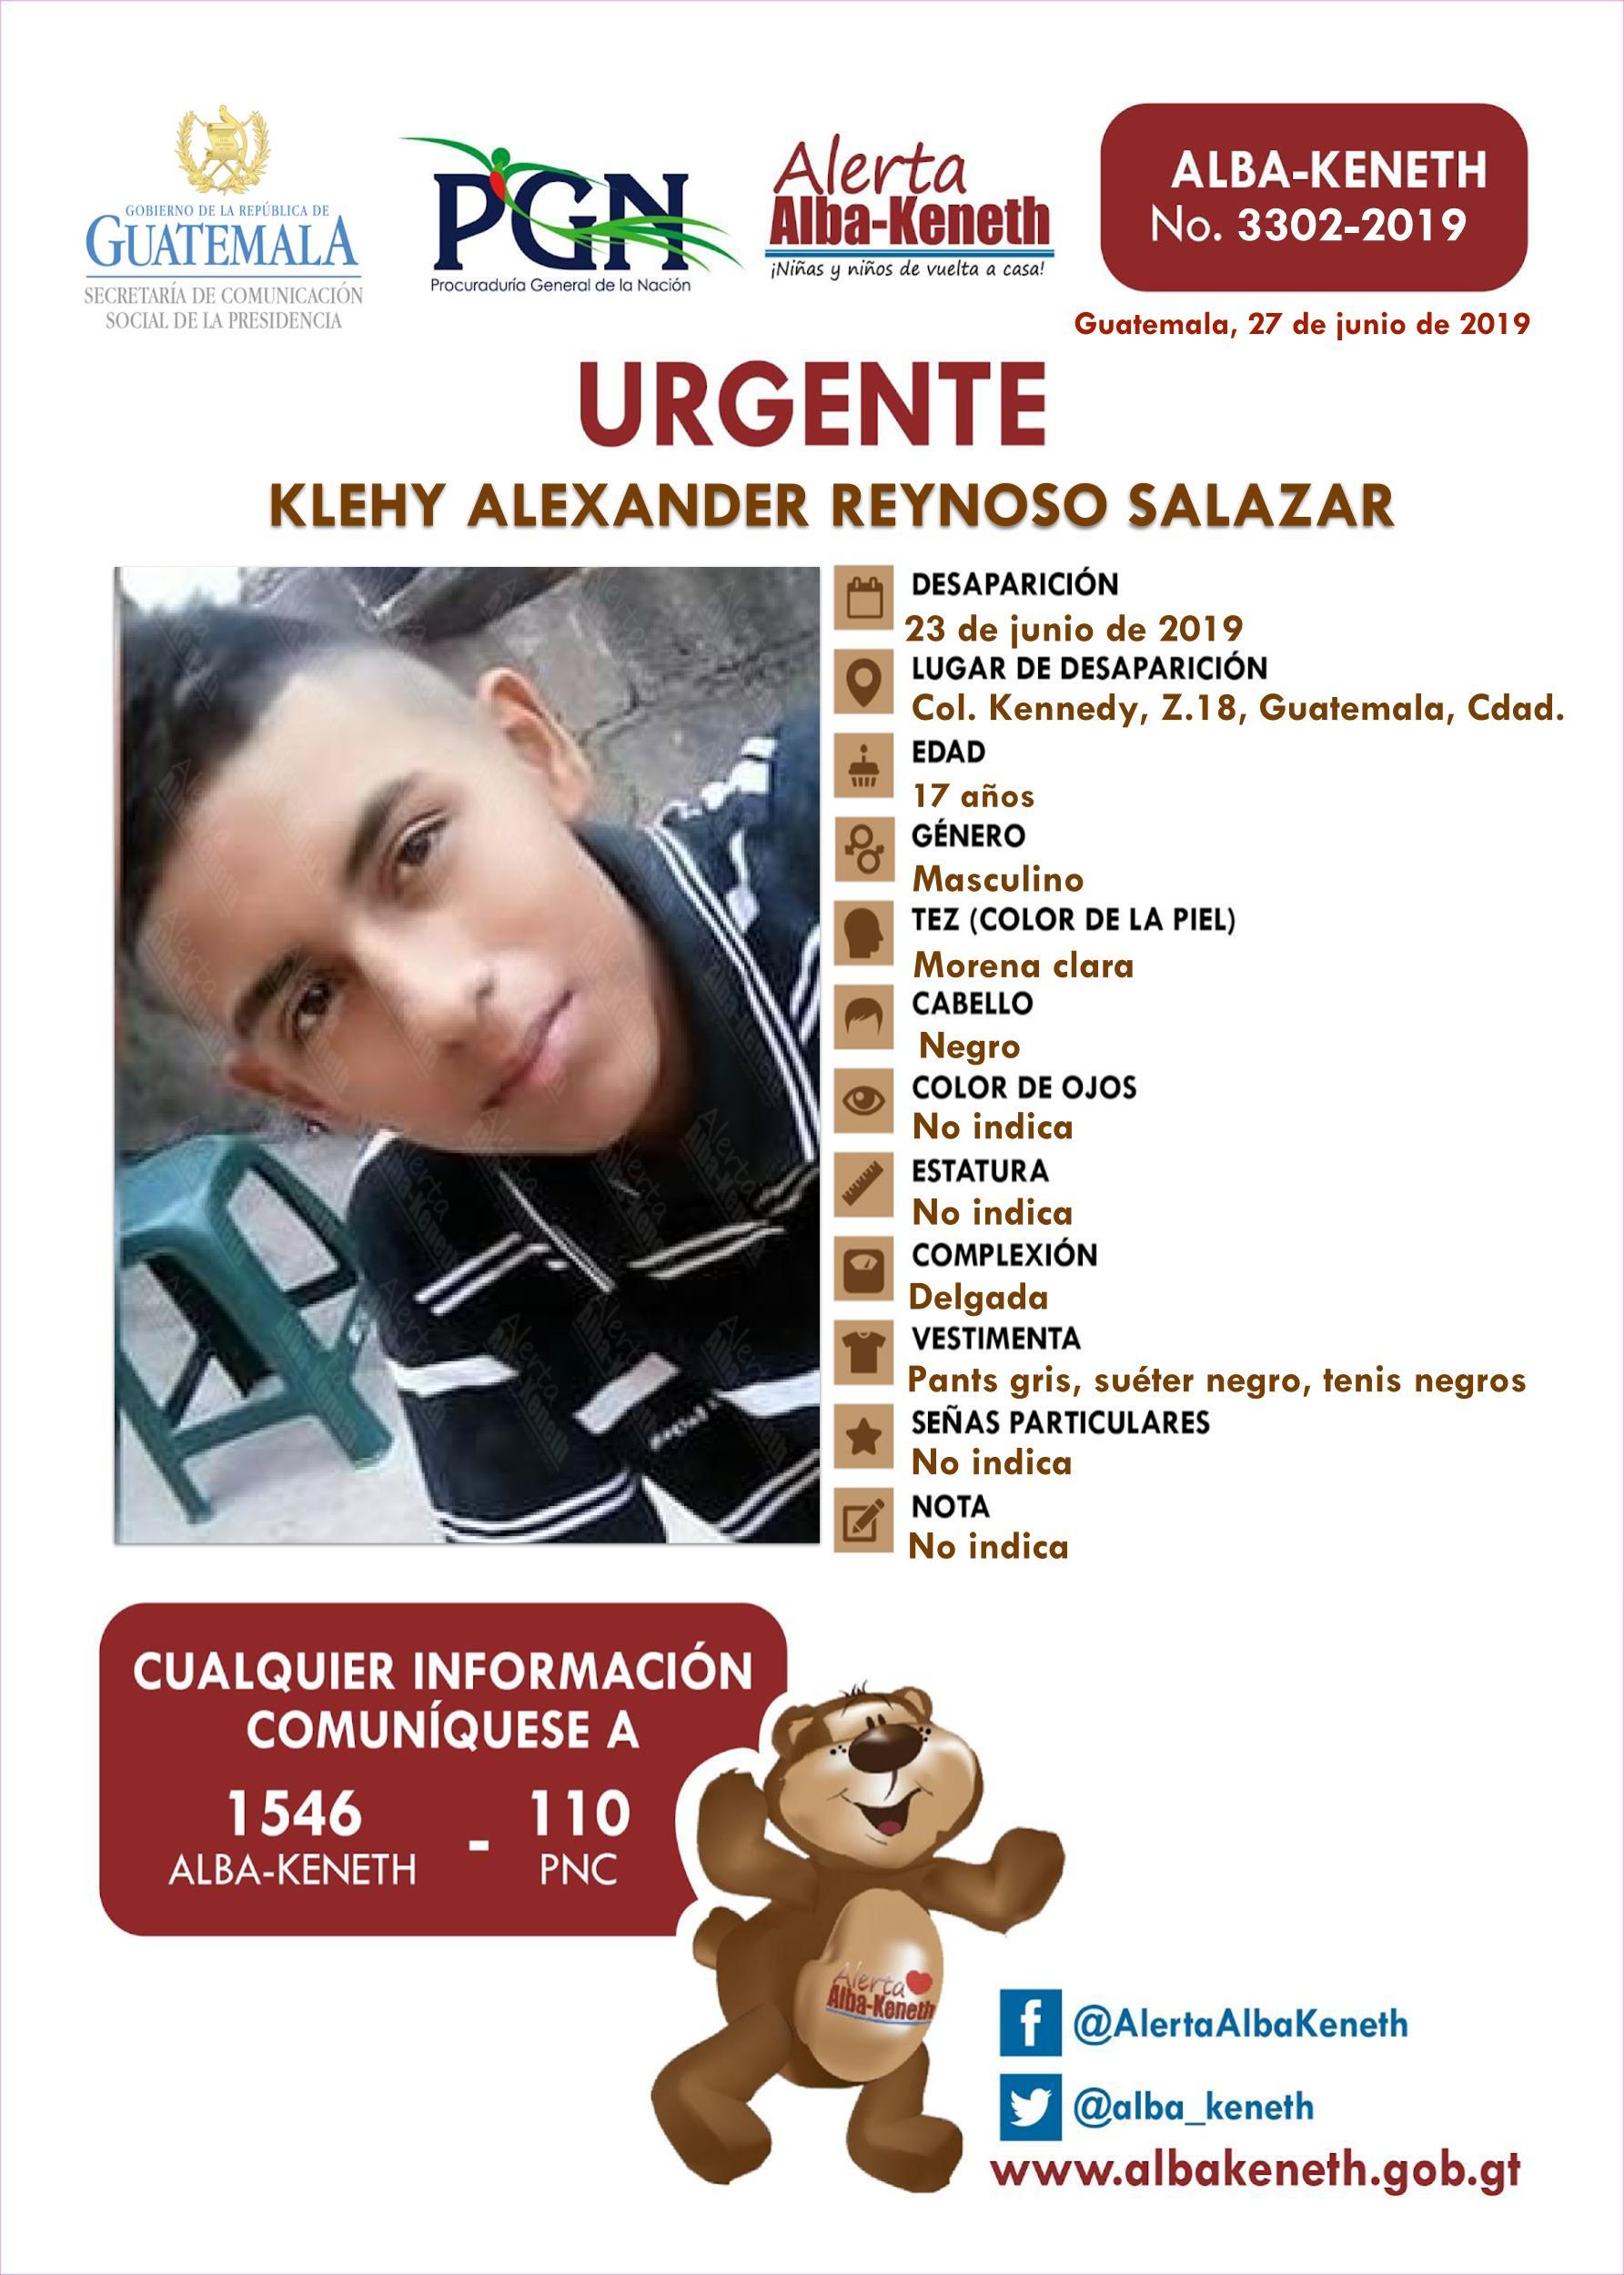 Klehy Alexander Reynoso Salazar